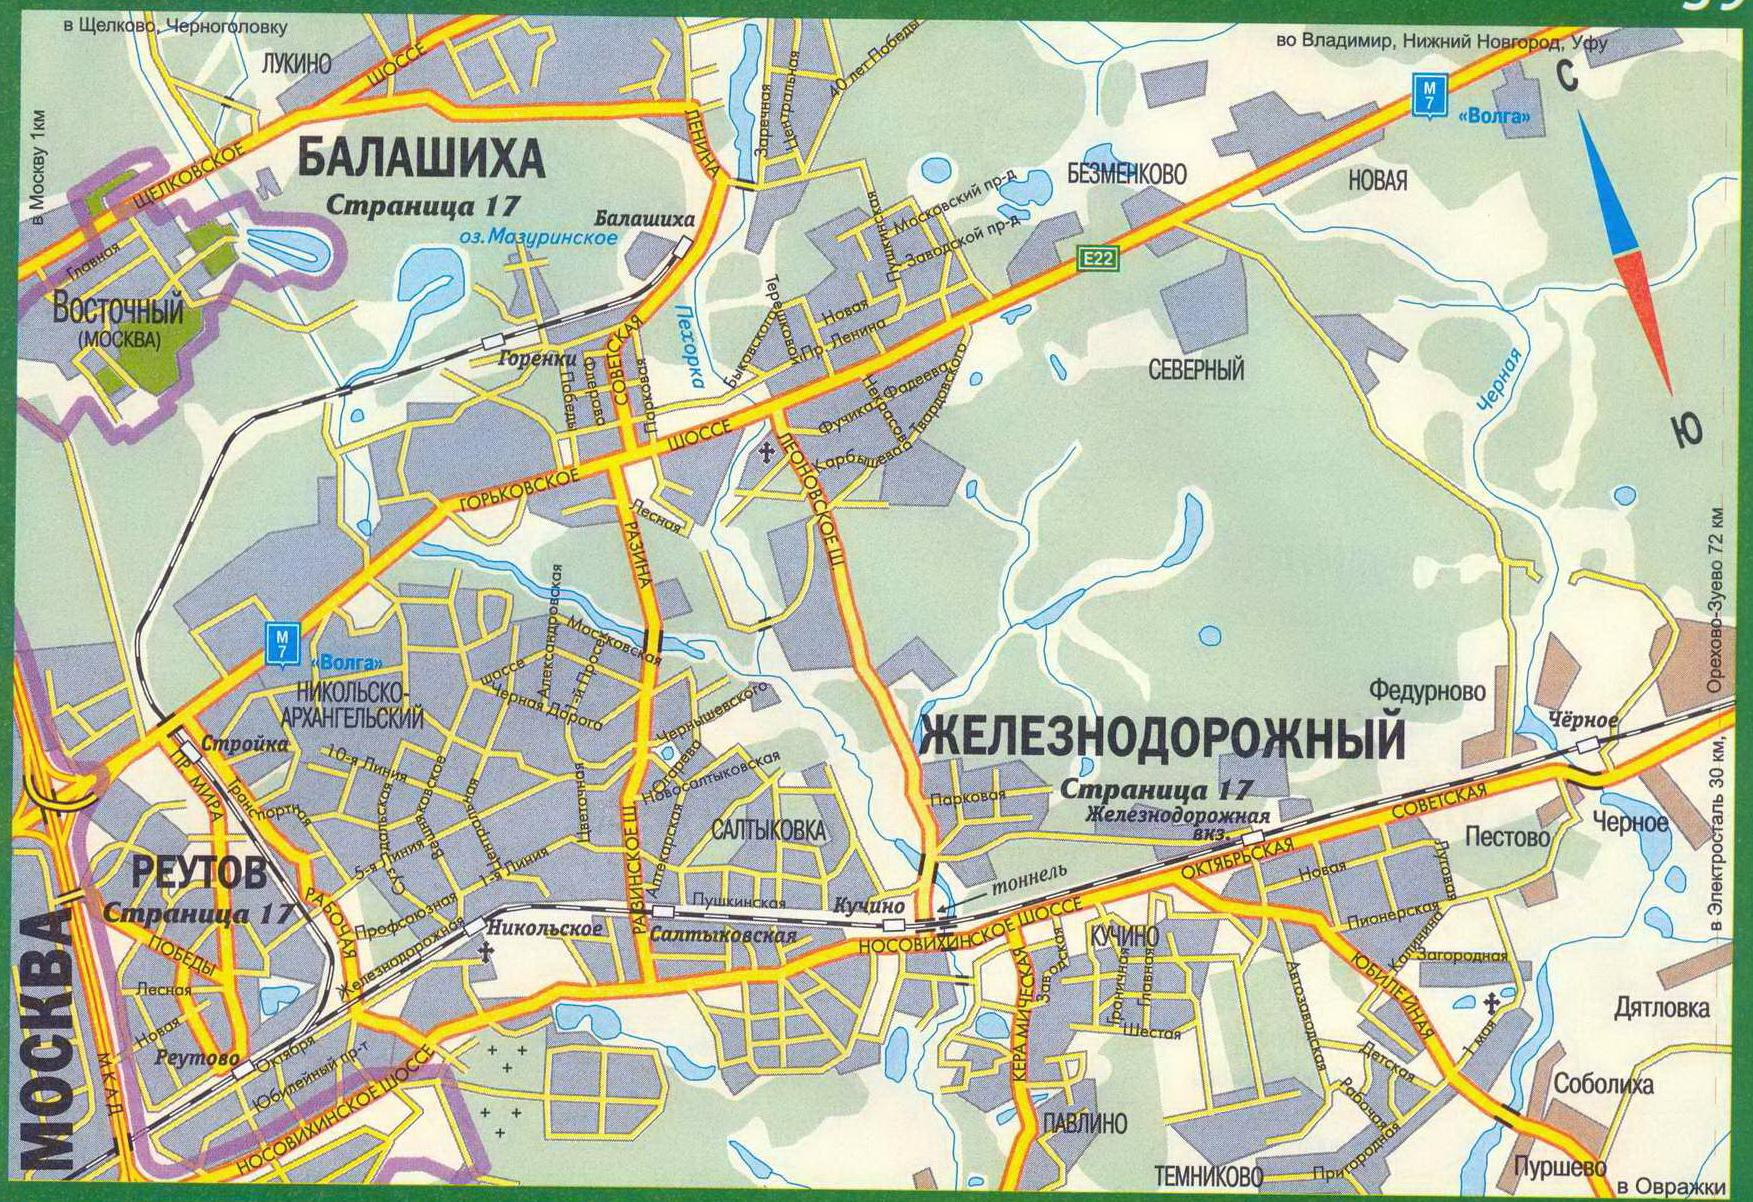 Карта Московской области. Подробная карта Московской ...